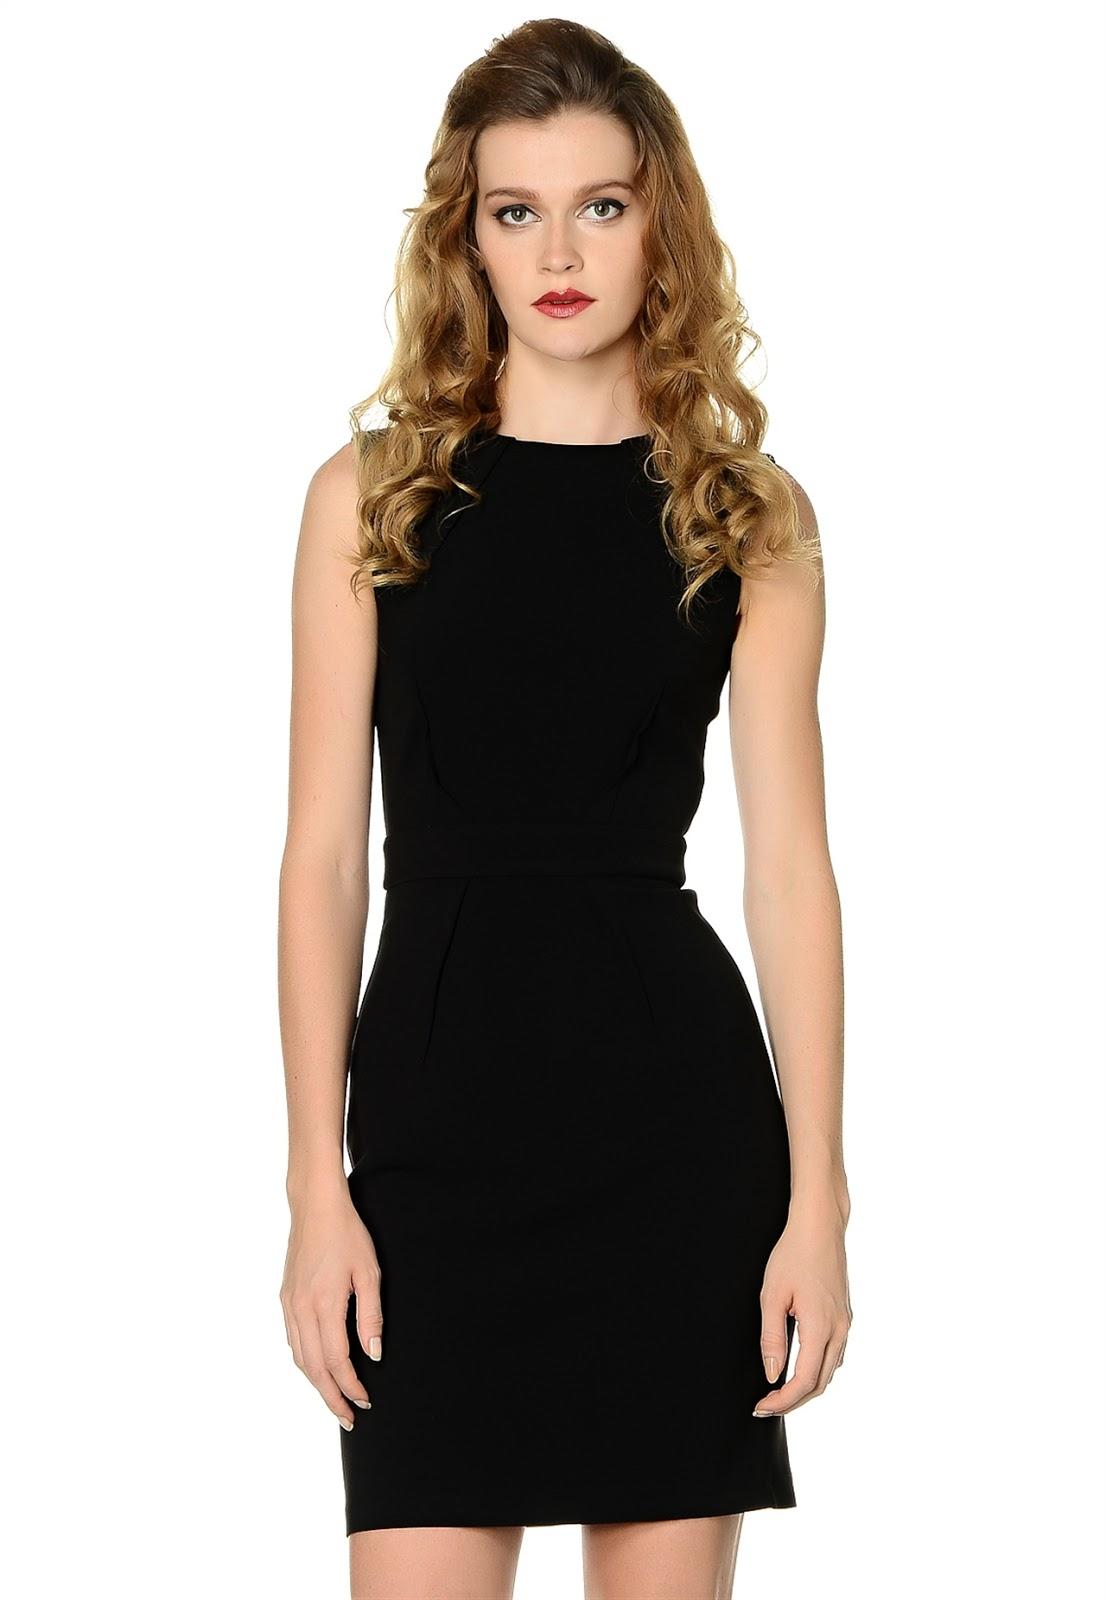 dar kesim elbise, kısa elbise, kolsuz elbise, 2015 elbise modelleri, adil ışık elbise